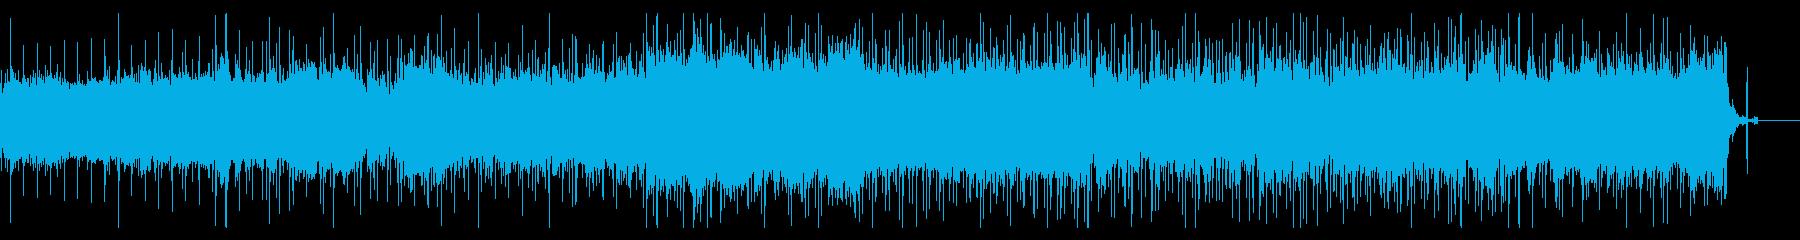 静かに忍び寄るアンビエントの再生済みの波形